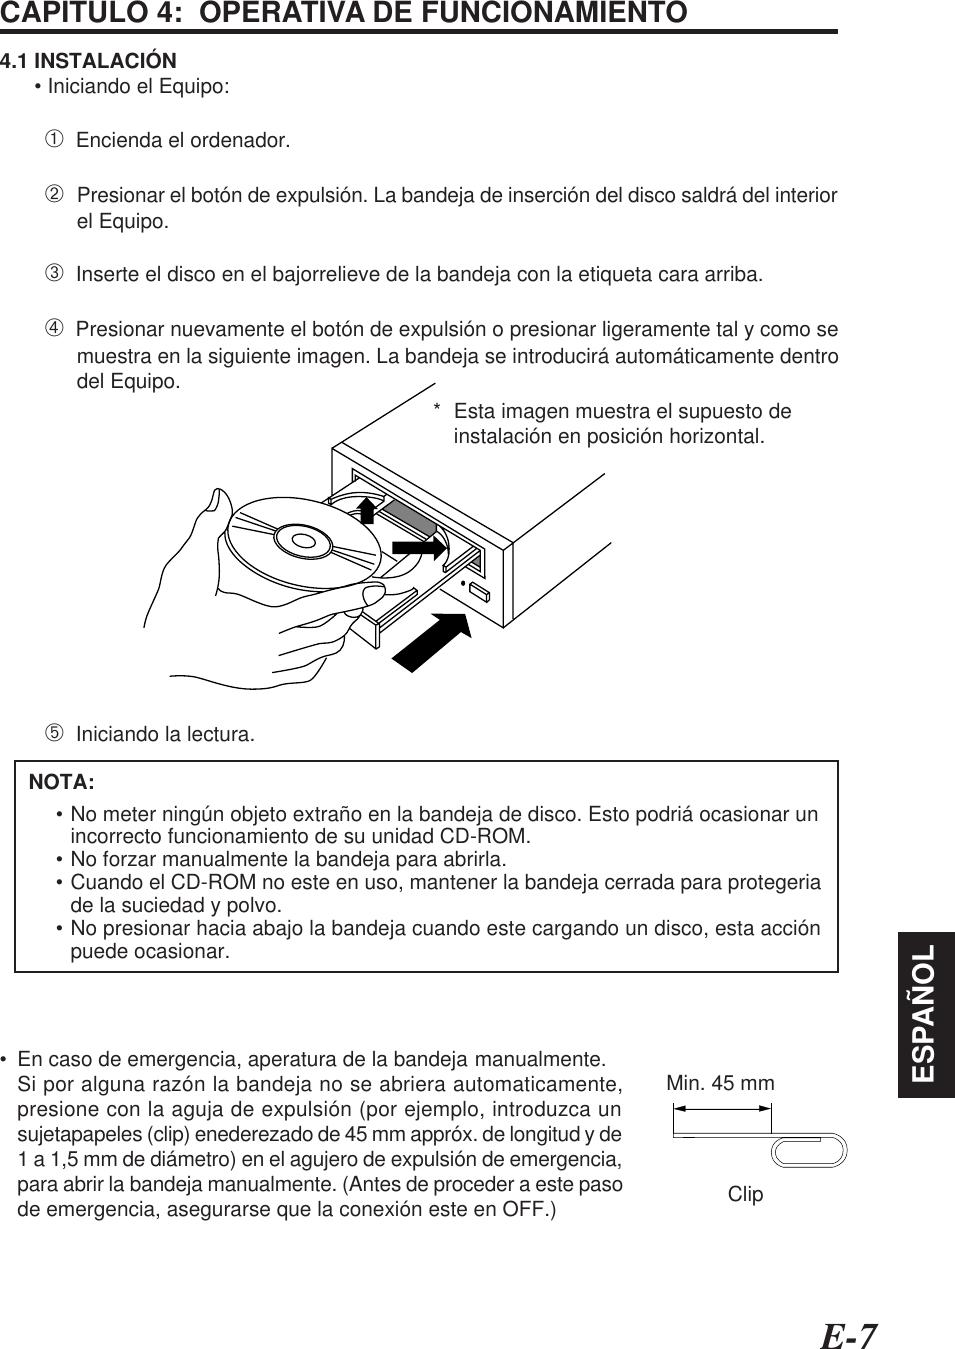 E-7ESPAÑOLCAPITULO 4:  OPERATIVA DE FUNCIONAMIENTO4.1 INSTALACIÓN      • Iniciando el Equipo:➀  Encienda el ordenador.➁Presionar el botón de expulsión. La bandeja de inserción del disco saldrá del interiorel Equipo.➂  Inserte el disco en el bajorrelieve de la bandeja con la etiqueta cara arriba.➃  Presionar nuevamente el botón de expulsión o presionar ligeramente tal y como semuestra en la siguiente imagen. La bandeja se introducirá automáticamente dentrodel Equipo.➄  Iniciando la lectura.* Esta imagen muestra el supuesto deinstalación en posición horizontal.• No meter ningún objeto extraño en la bandeja de disco. Esto podriá ocasionar unincorrecto funcionamiento de su unidad CD-ROM.• No forzar manualmente la bandeja para abrirla.• Cuando el CD-ROM no este en uso, mantener la bandeja cerrada para protegeriade la suciedad y polvo.• No presionar hacia abajo la bandeja cuando este cargando un disco, esta acciónpuede ocasionar.     NOTA:• En caso de emergencia, aperatura de la bandeja manualmente.Si por alguna razón la bandeja no se abriera automaticamente,presione con la aguja de expulsión (por ejemplo, introduzca unsujetapapeles (clip) enederezado de 45 mm appróx. de longitud y de1 a 1,5 mm de diámetro) en el agujero de expulsión de emergencia,para abrir la bandeja manualmente. (Antes de proceder a este pasode emergencia, asegurarse que la conexión este en OFF.)Min. 45 mmClip